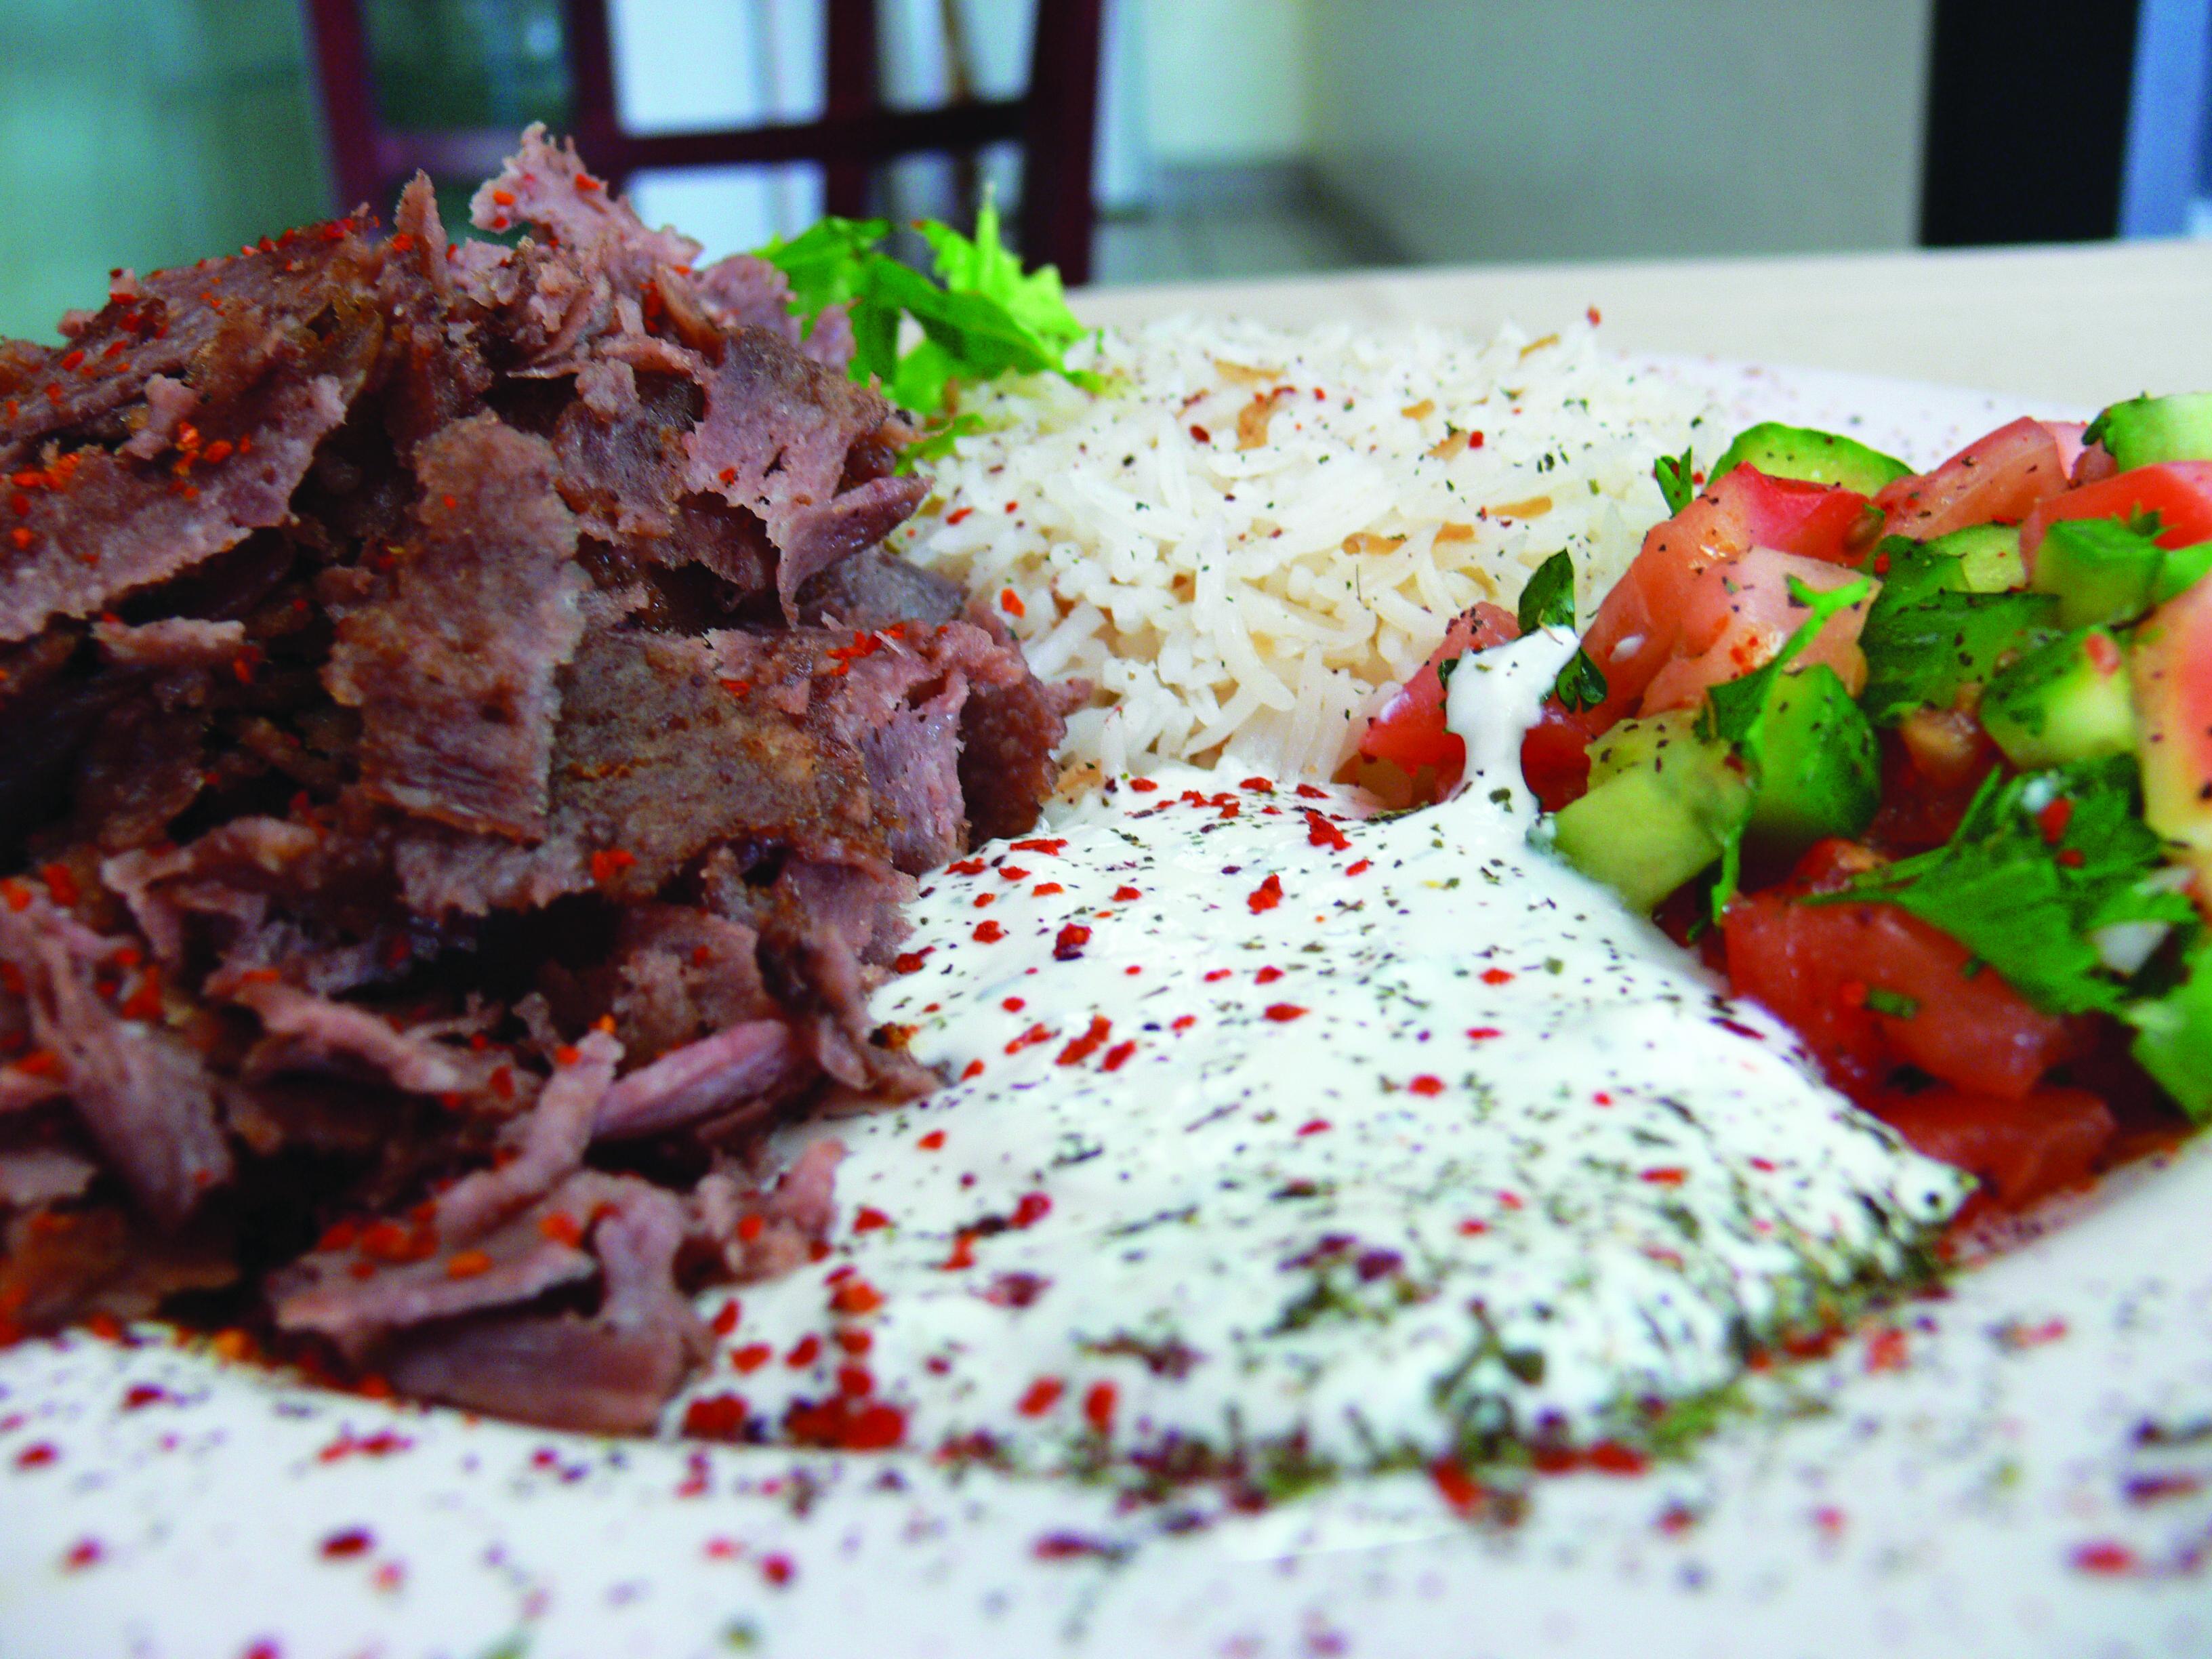 Doner Turkish Gyro Sultan Baklava Mediterranean Cuisine